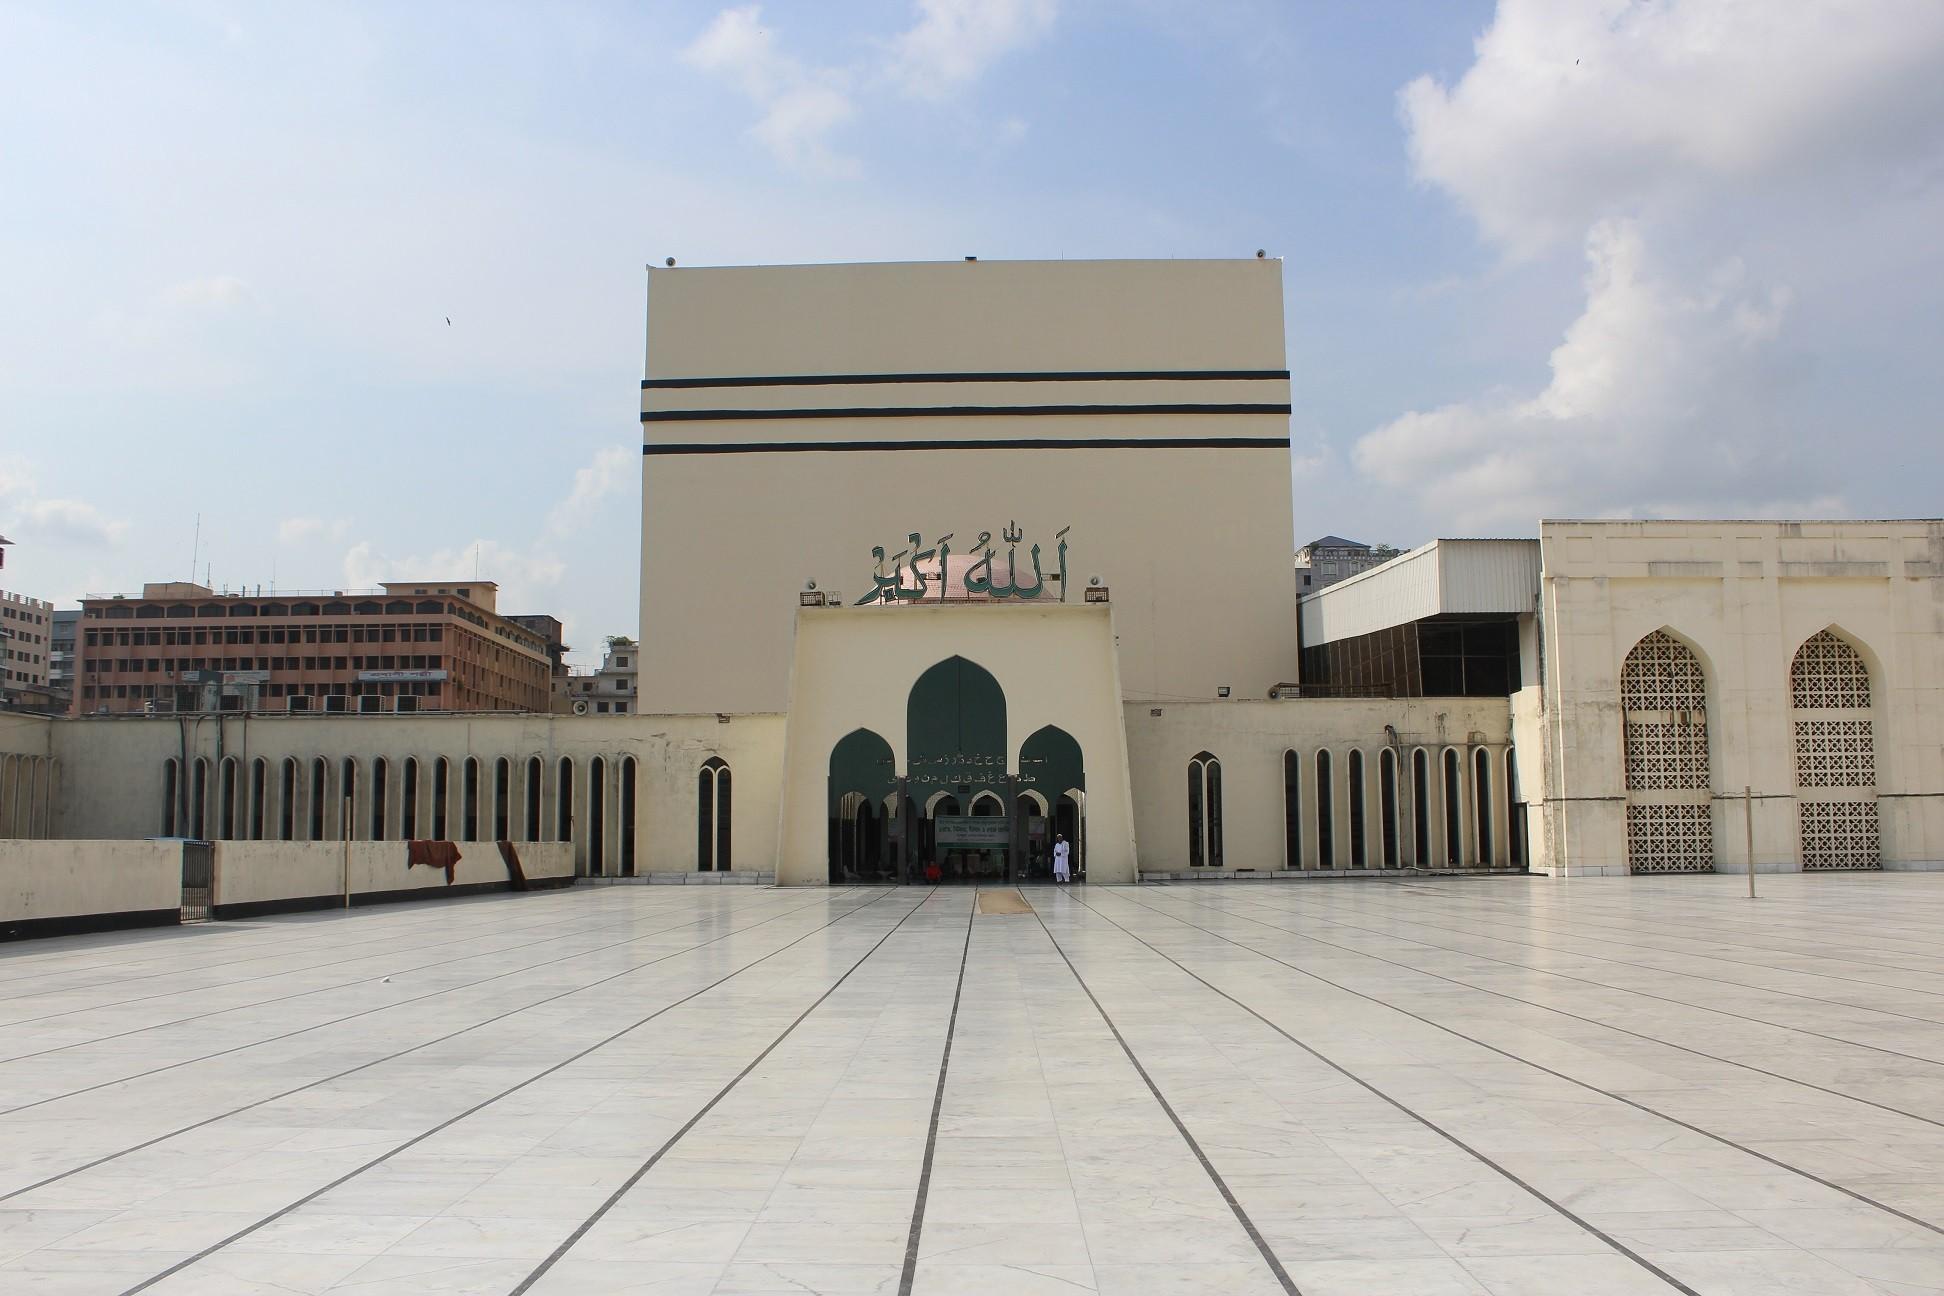 পবিত্র আখেরি চাহার শোম্বা উপলক্ষে মিলাদ মাহফিল জাতীয় মসজিদে